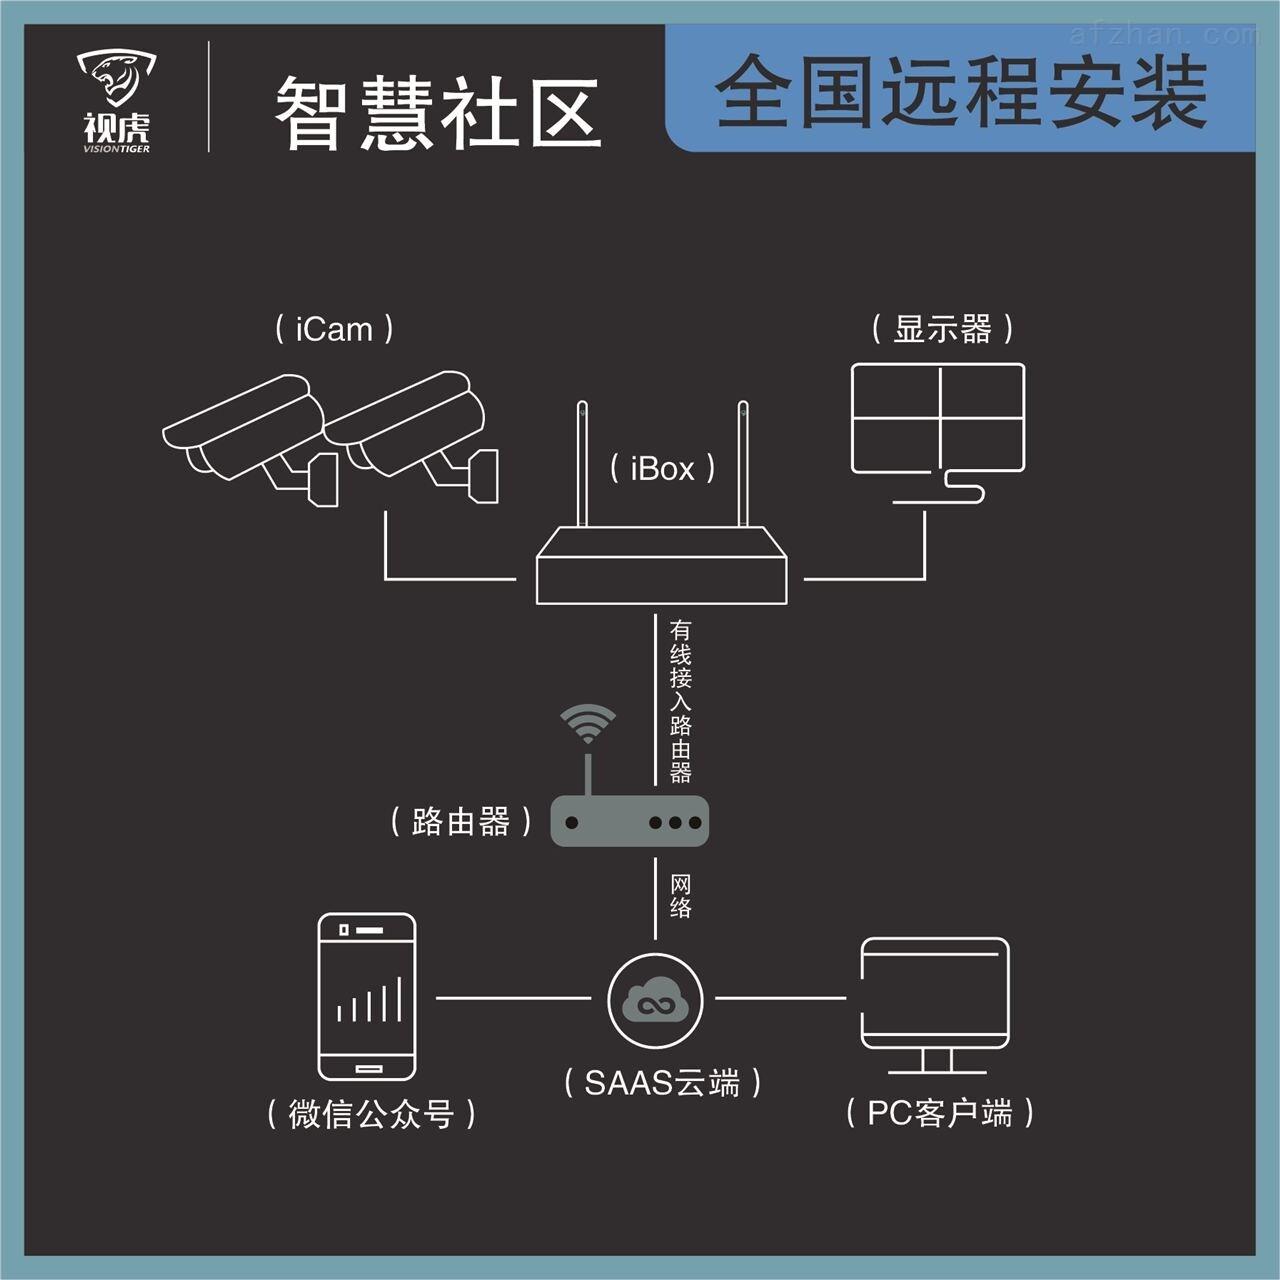 社区人脸识别分析-4G/WiFi